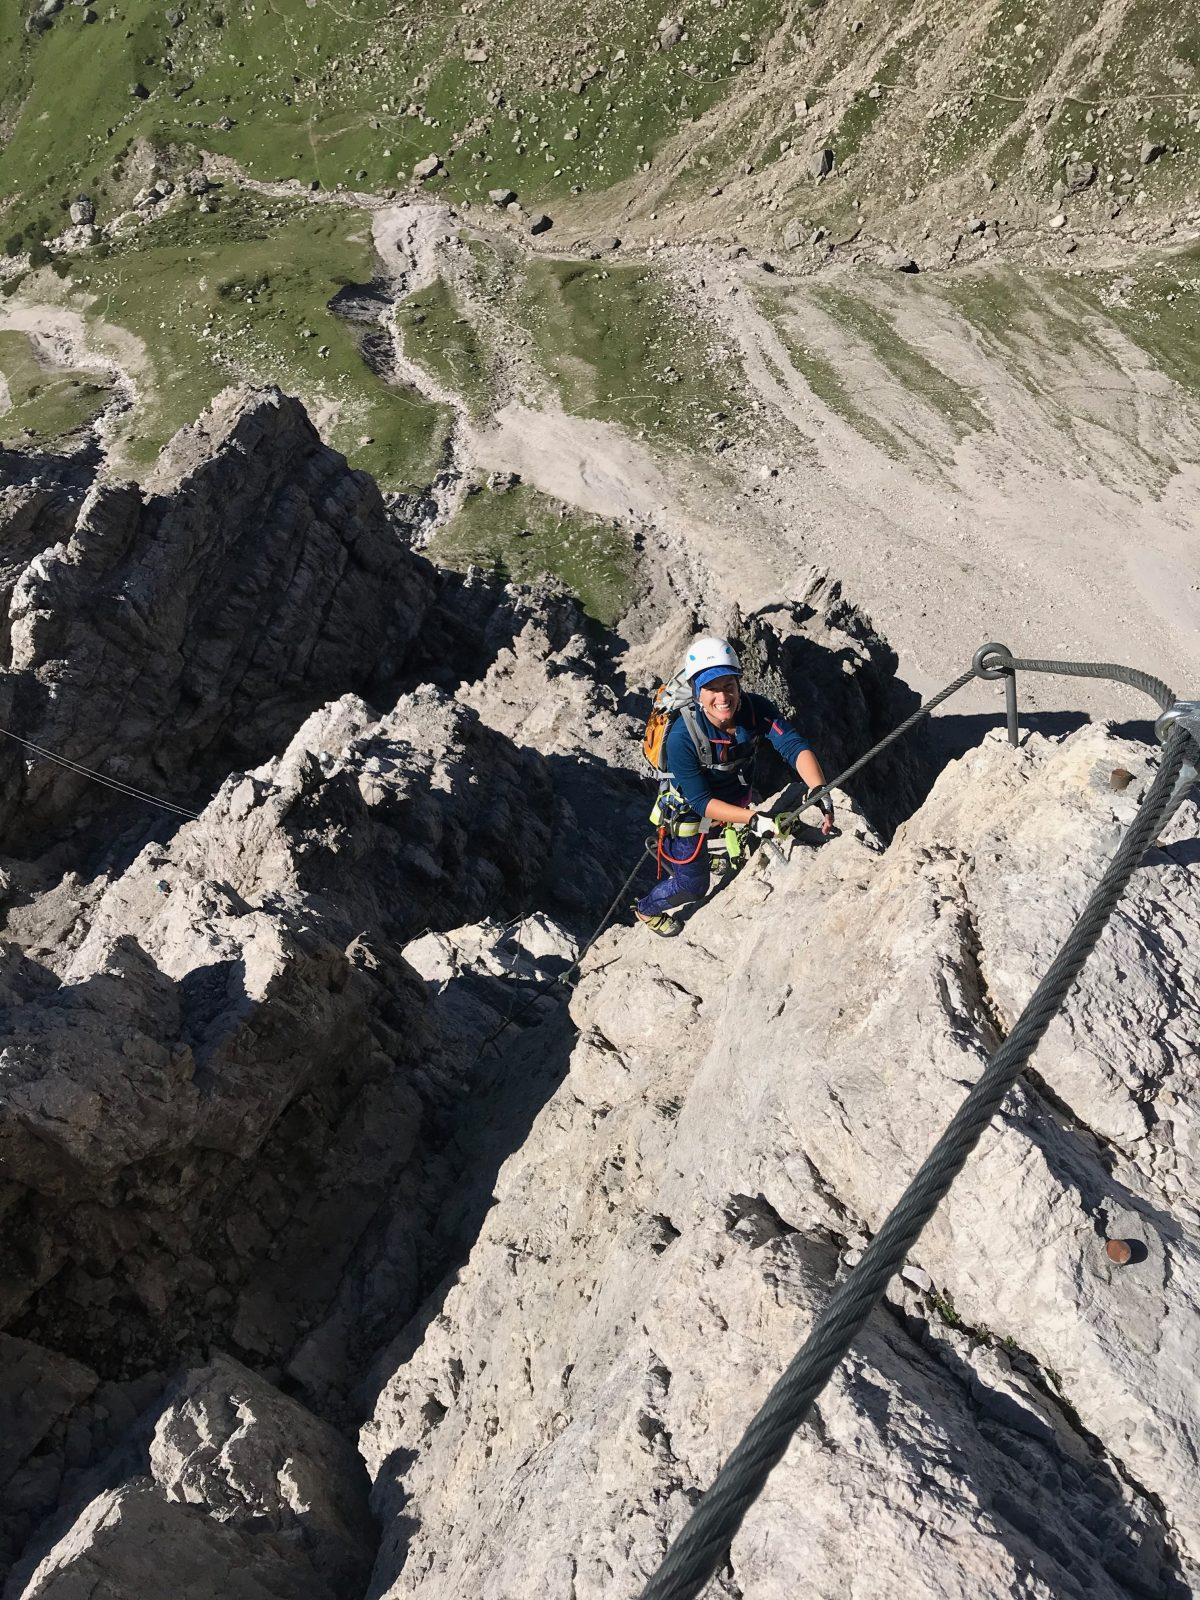 Die steile Passage nach der Seilbrücke hat es in sich, Foto: Susa Schreiner |Climbers Paradise